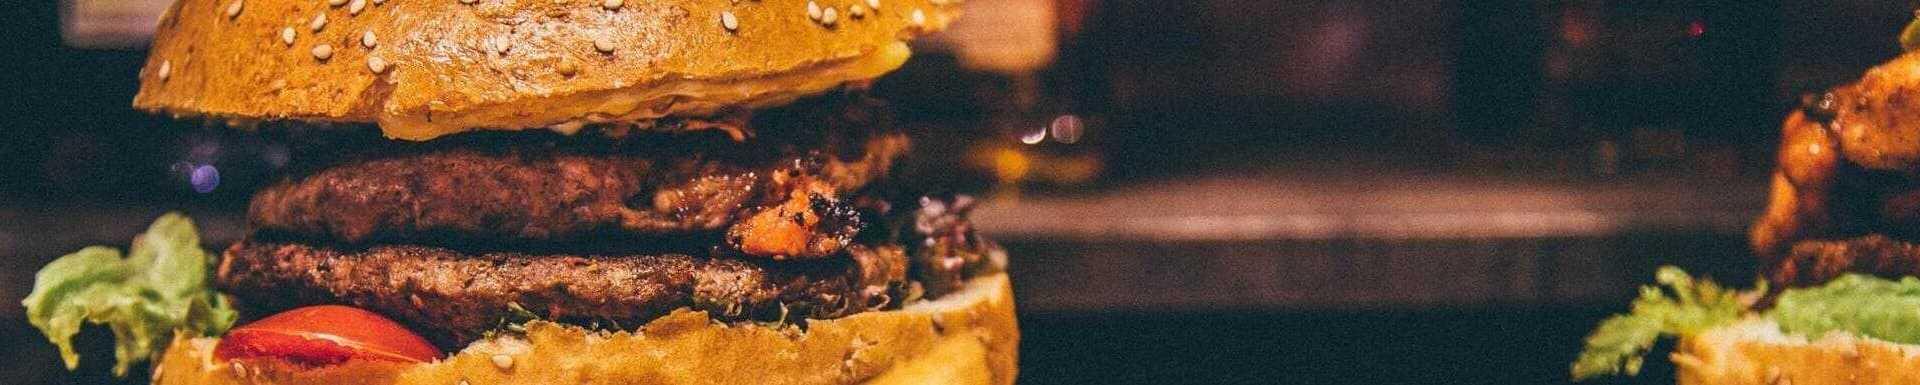 Las 10 mejores hamburguesas de Barcelona - Glovo